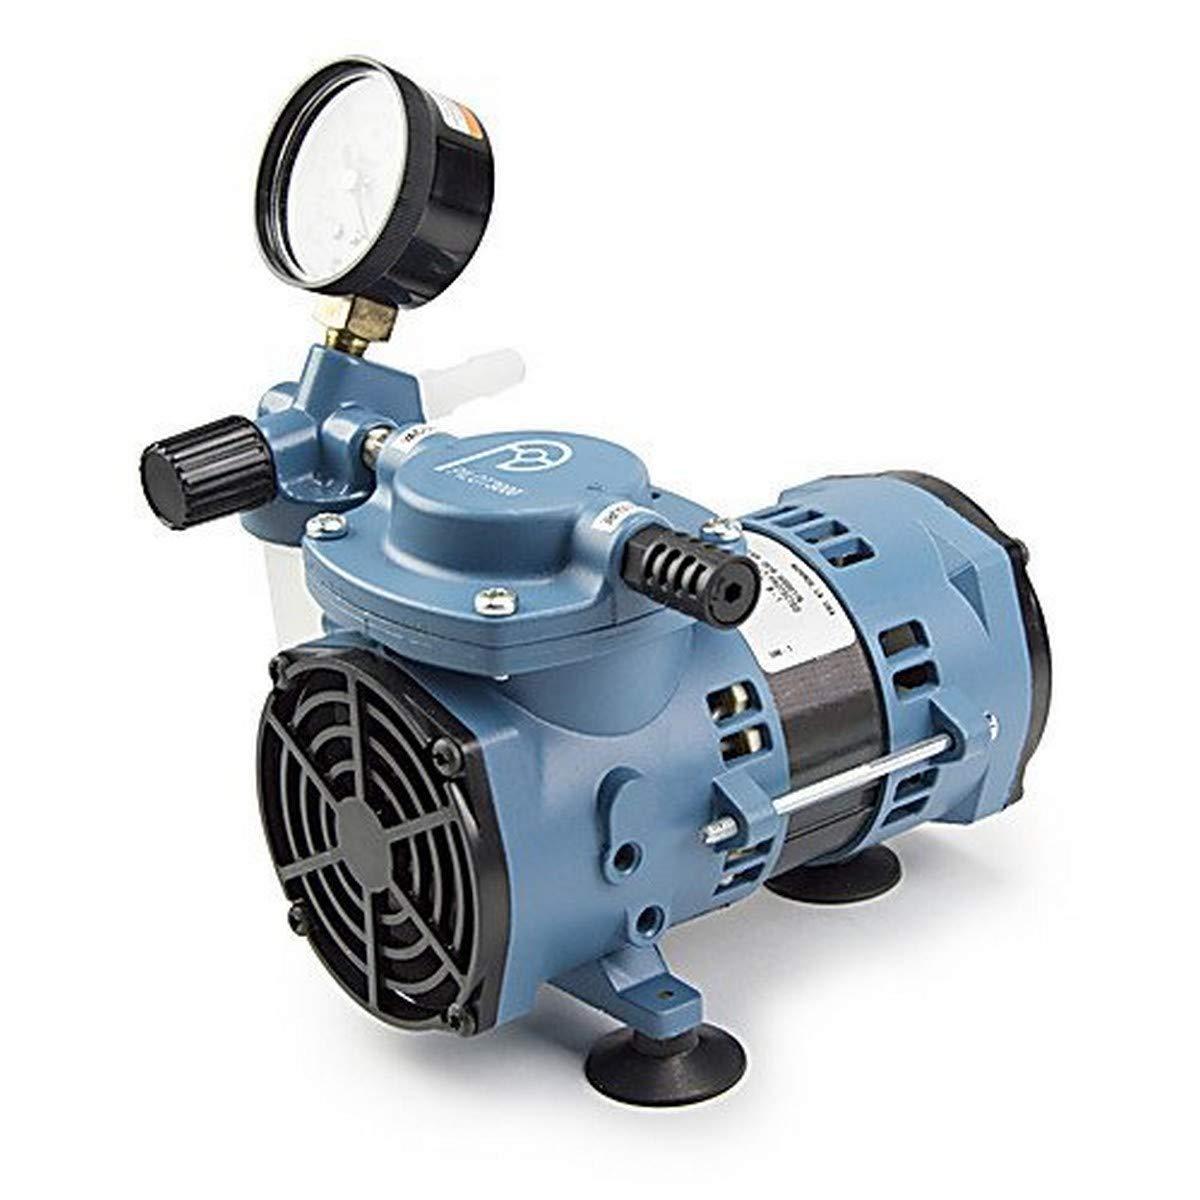 Fischer Technical Company TLD3000 Pilot Economical Chemical Resistant Diaphragm Vacuum Pump, 115V/60Hz